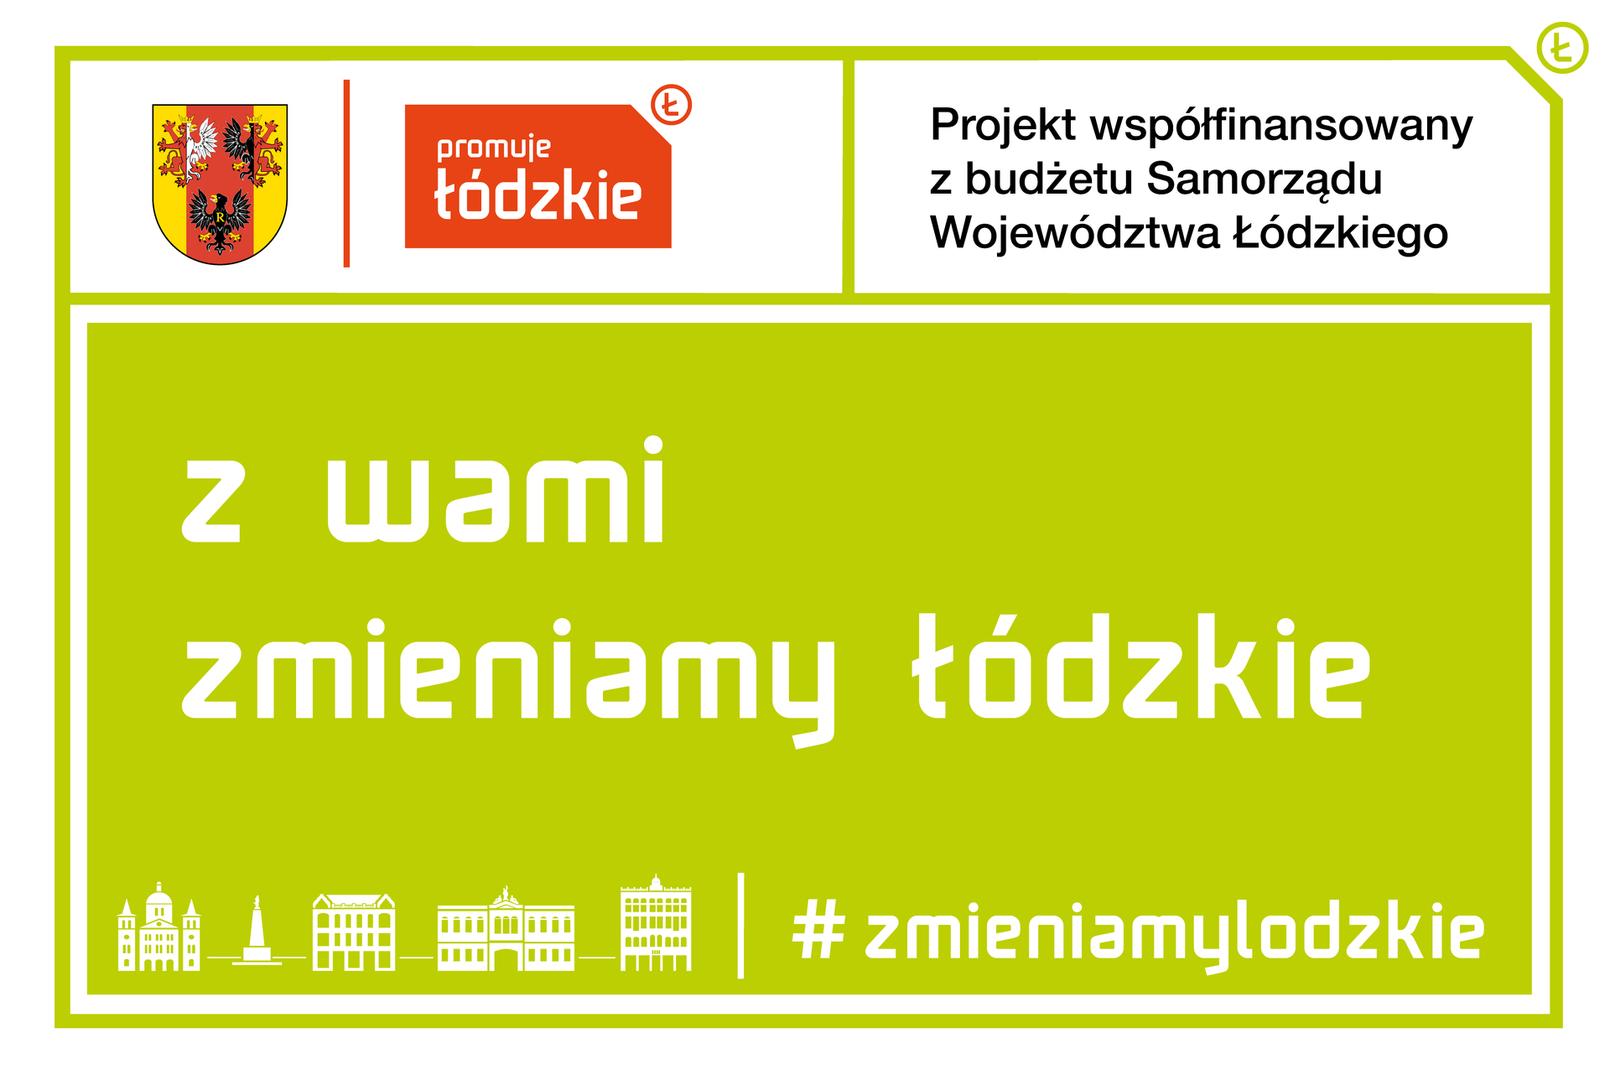 Grafika przedstawia logo informujące o projekcie współfinansowanym z budżetu Samorządu Województwa Łódzkiego